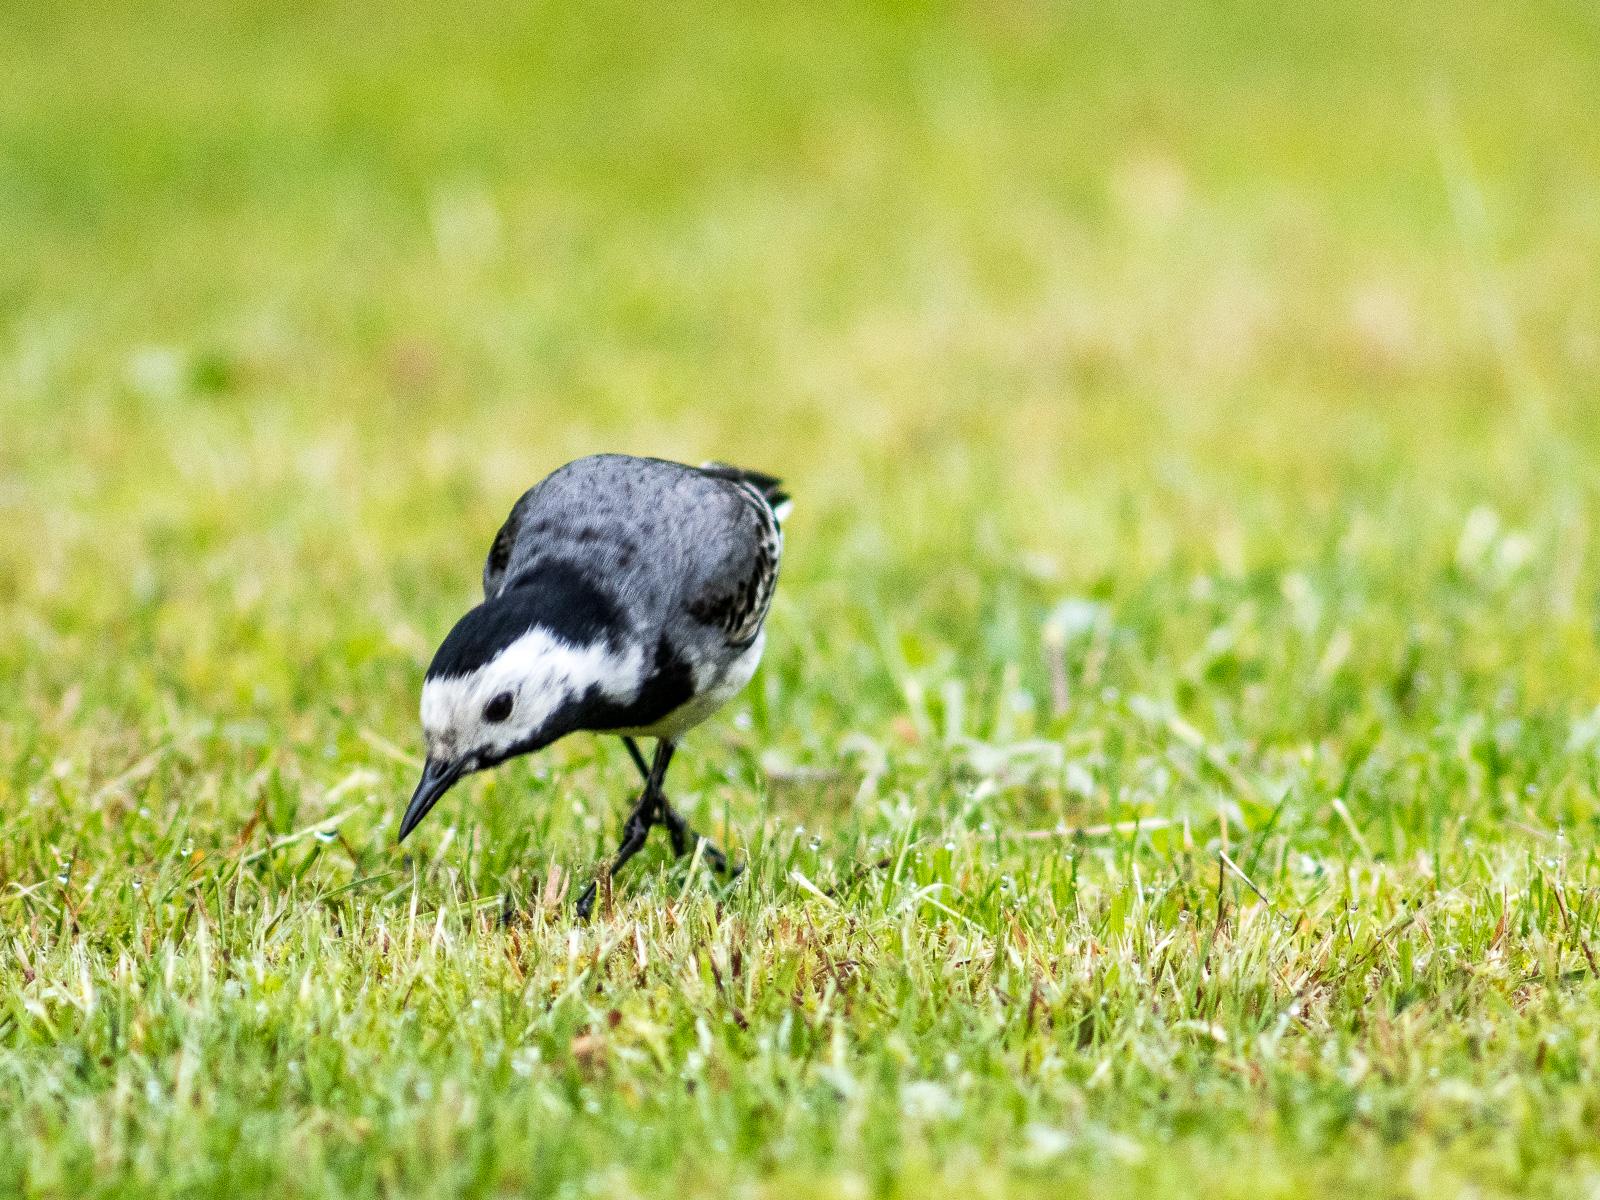 Bachstelze, Frontansicht auf Rasen, mit überkreuzten Beinen